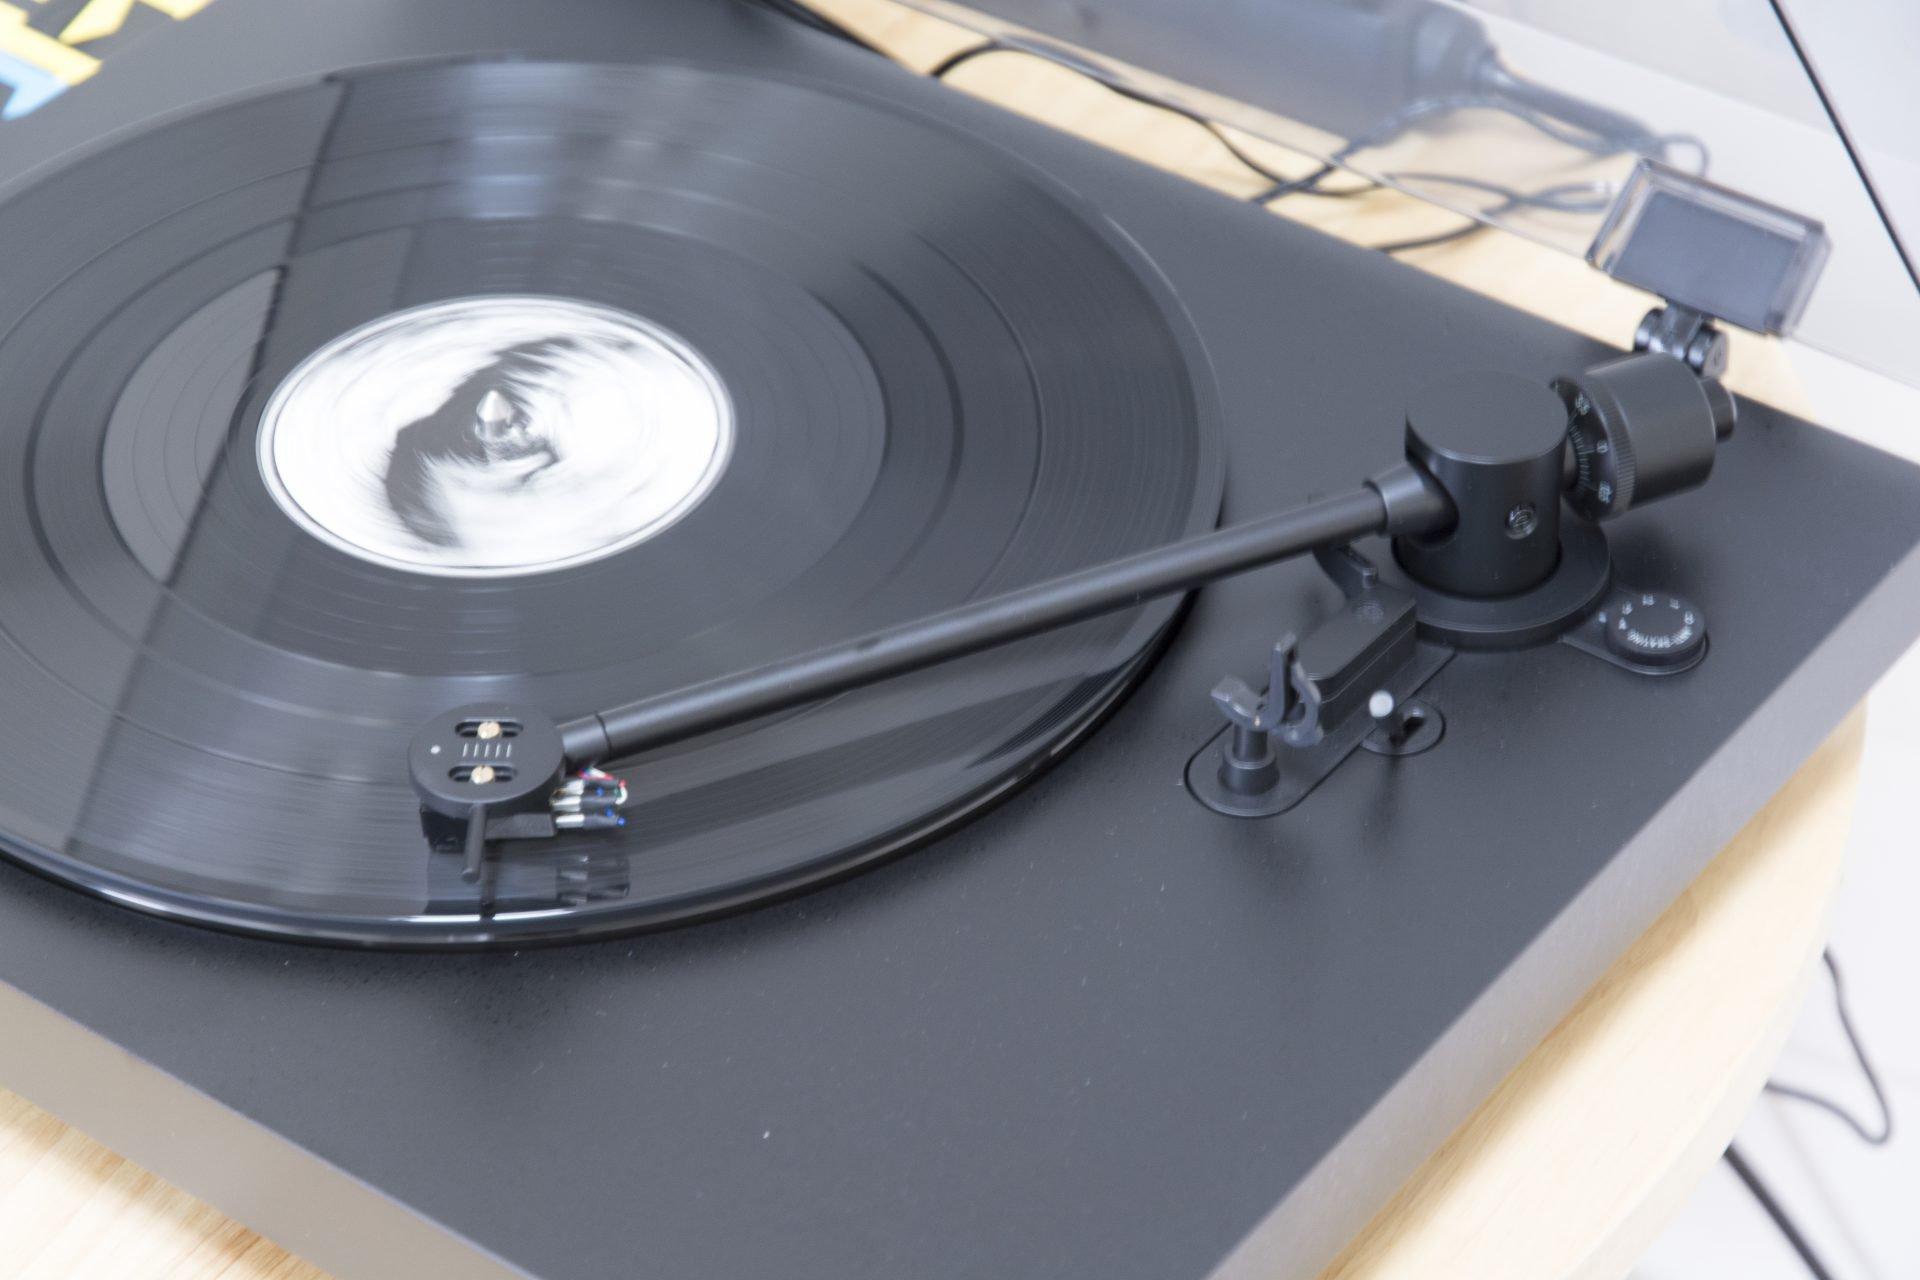 Quelle Marque De Platine Vinyle Choisir le trax lab : la nouvelle platine sony qui numérise vos